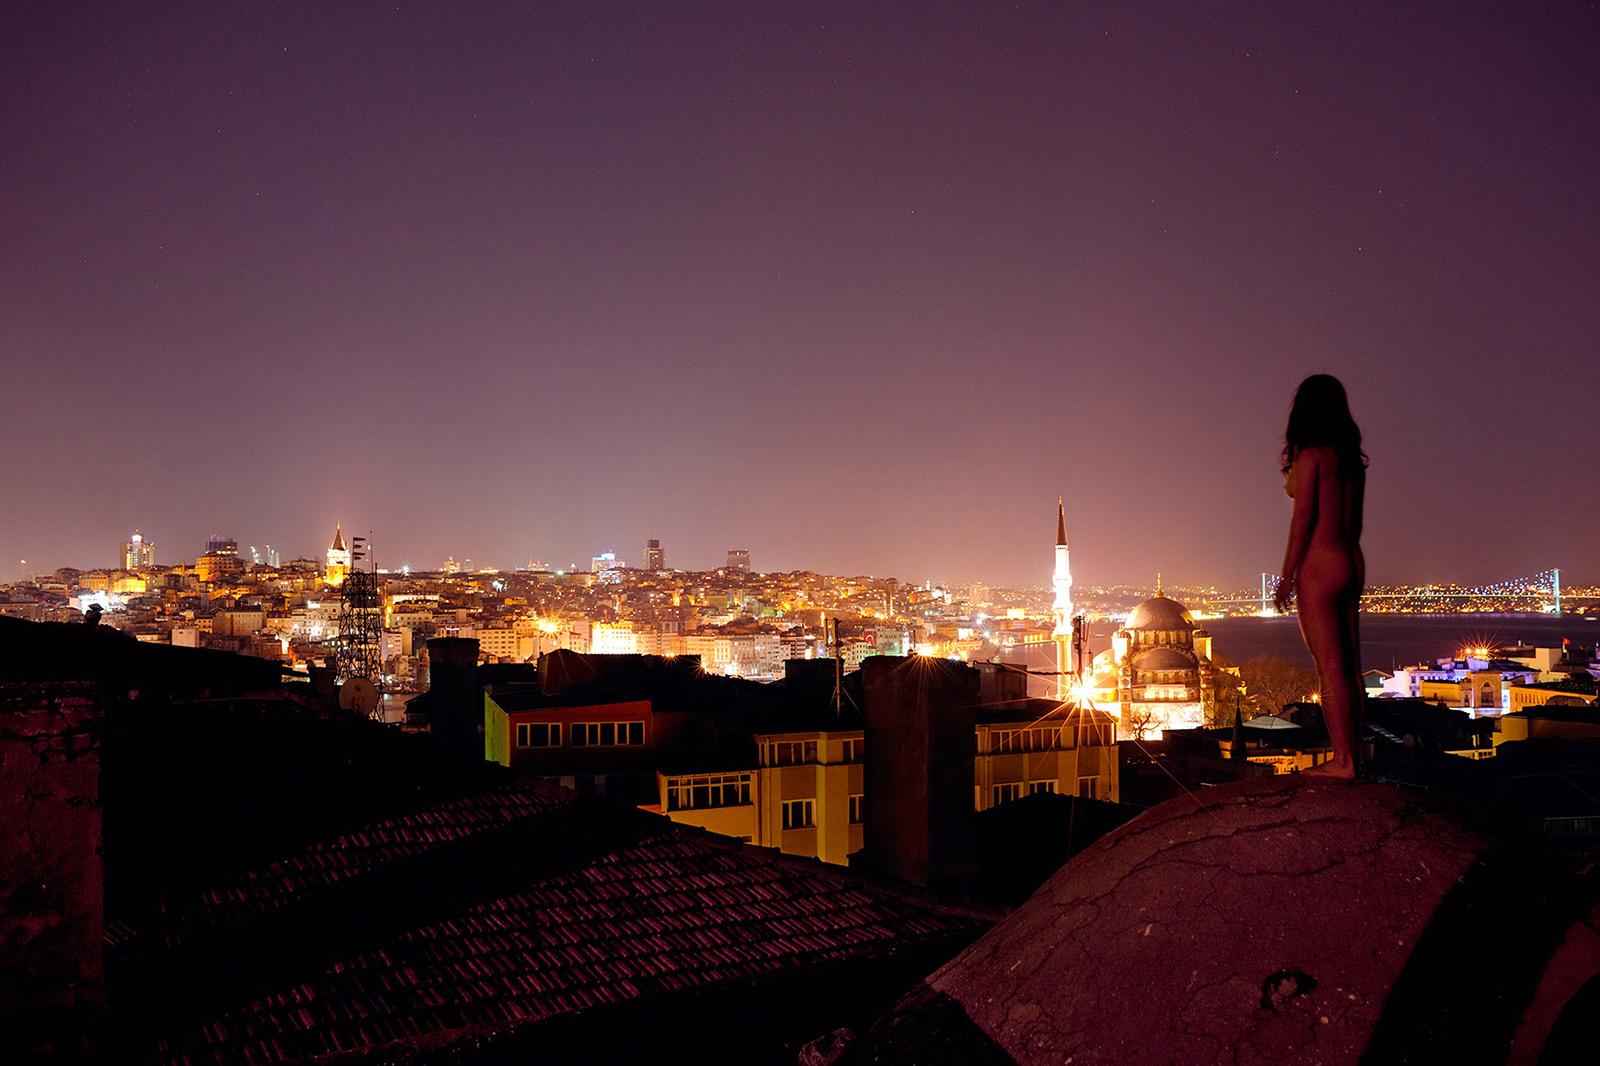 Büyük Valide Han, Istanbul, Turkey